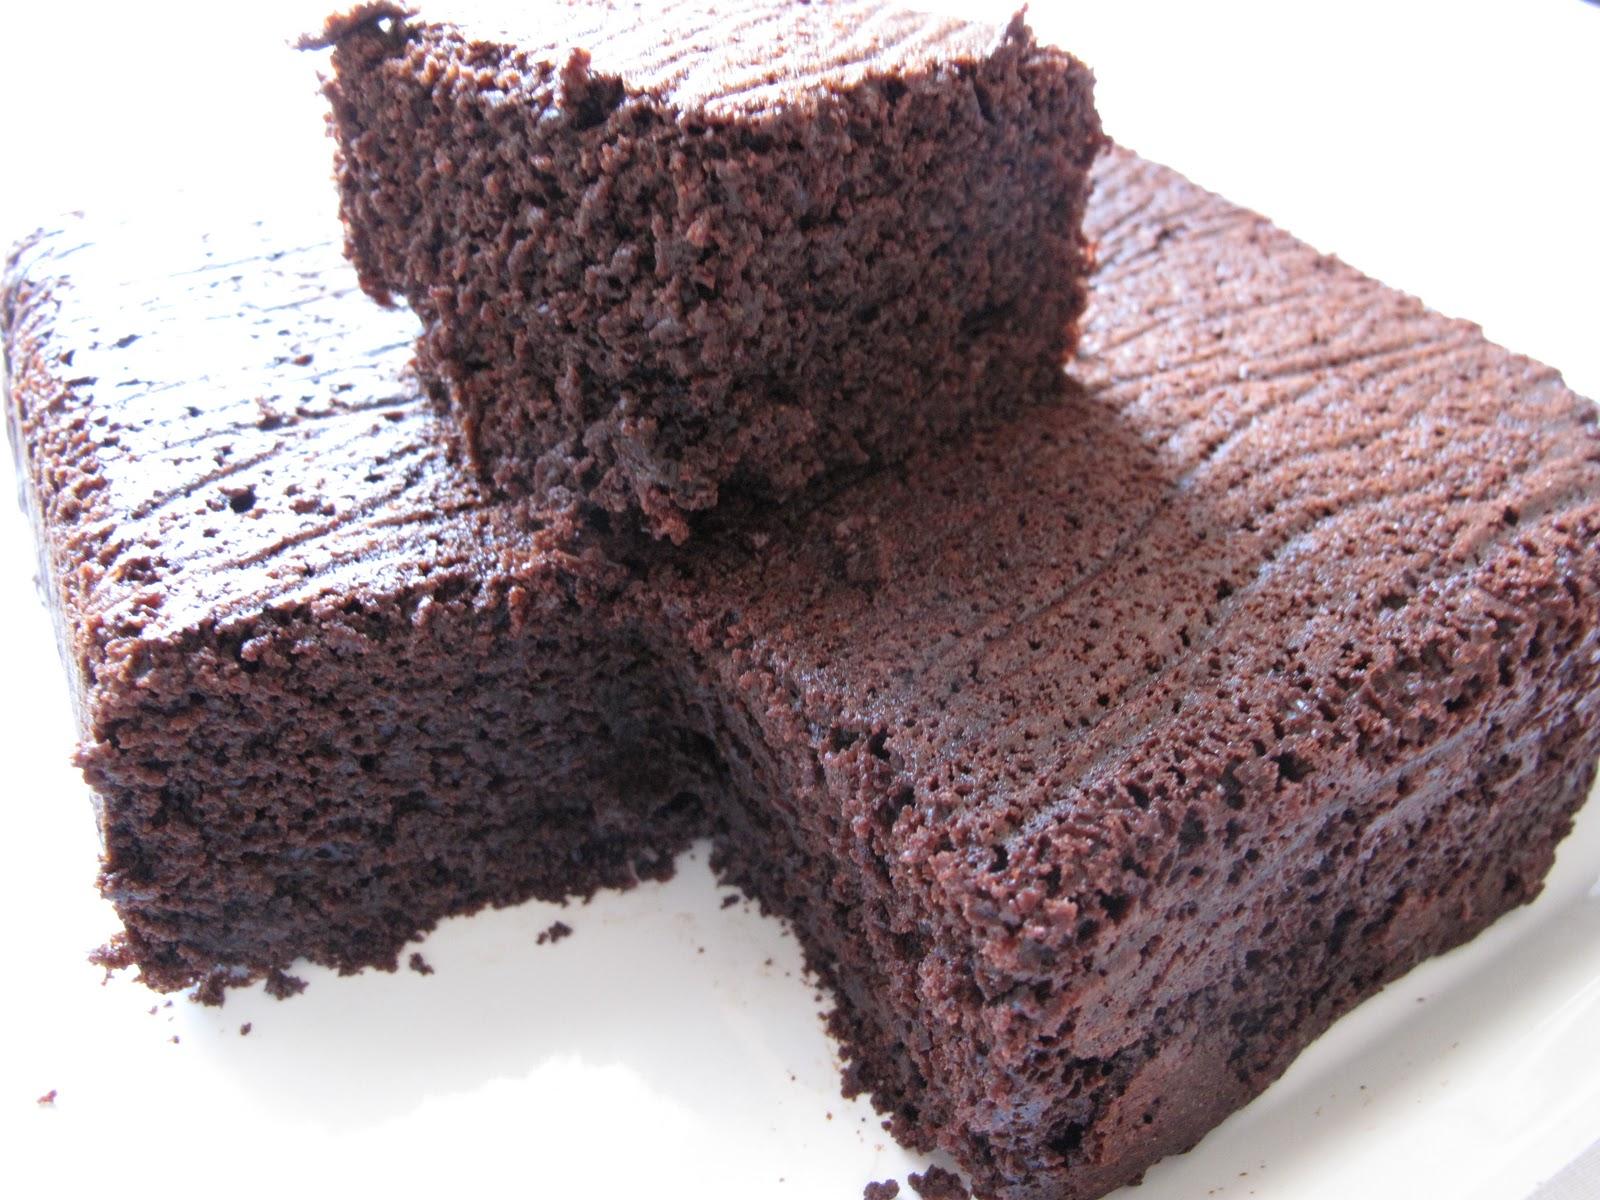 Torta morbidosa al cioccolato for Siti ricette dolci